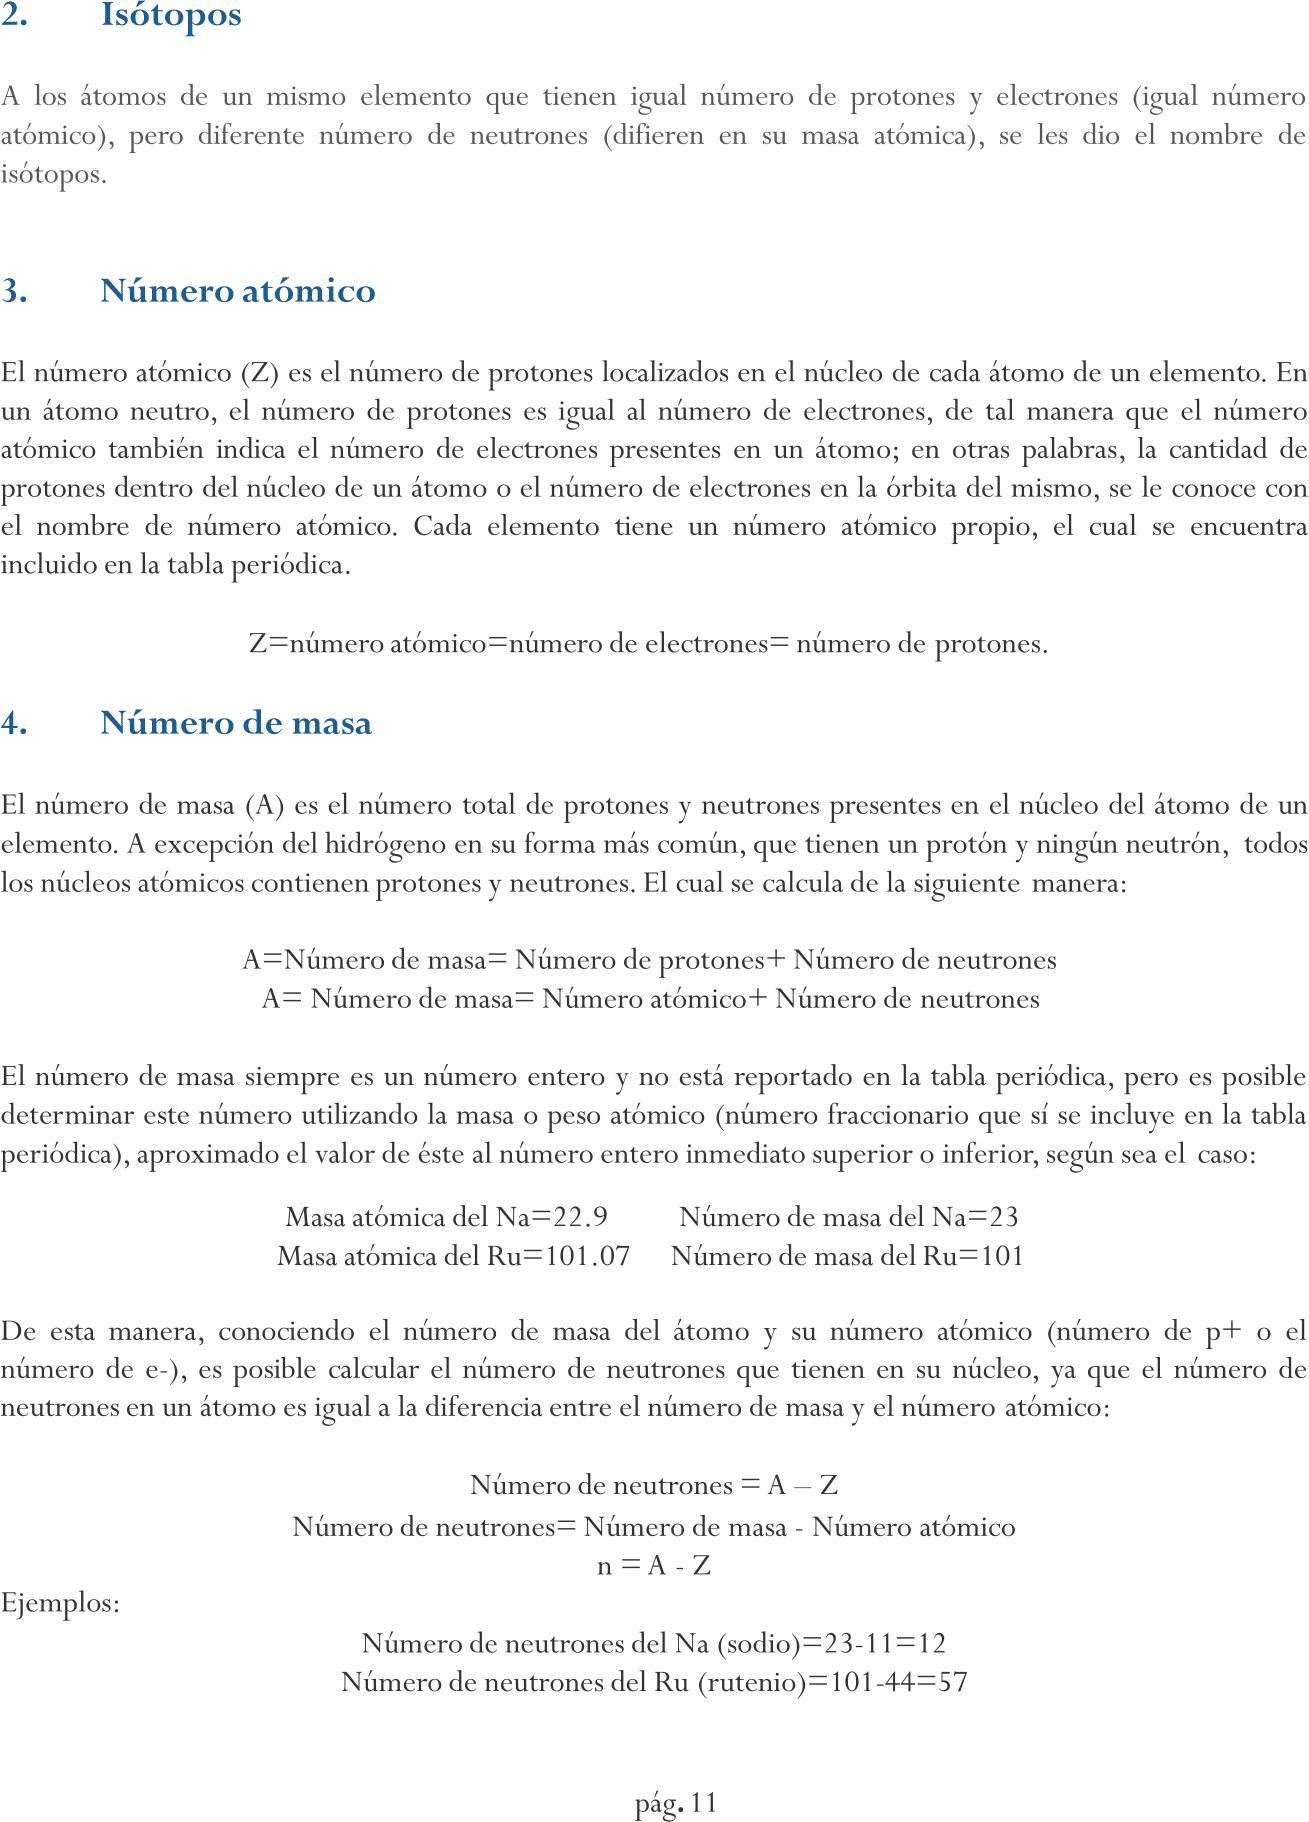 quimica i 12